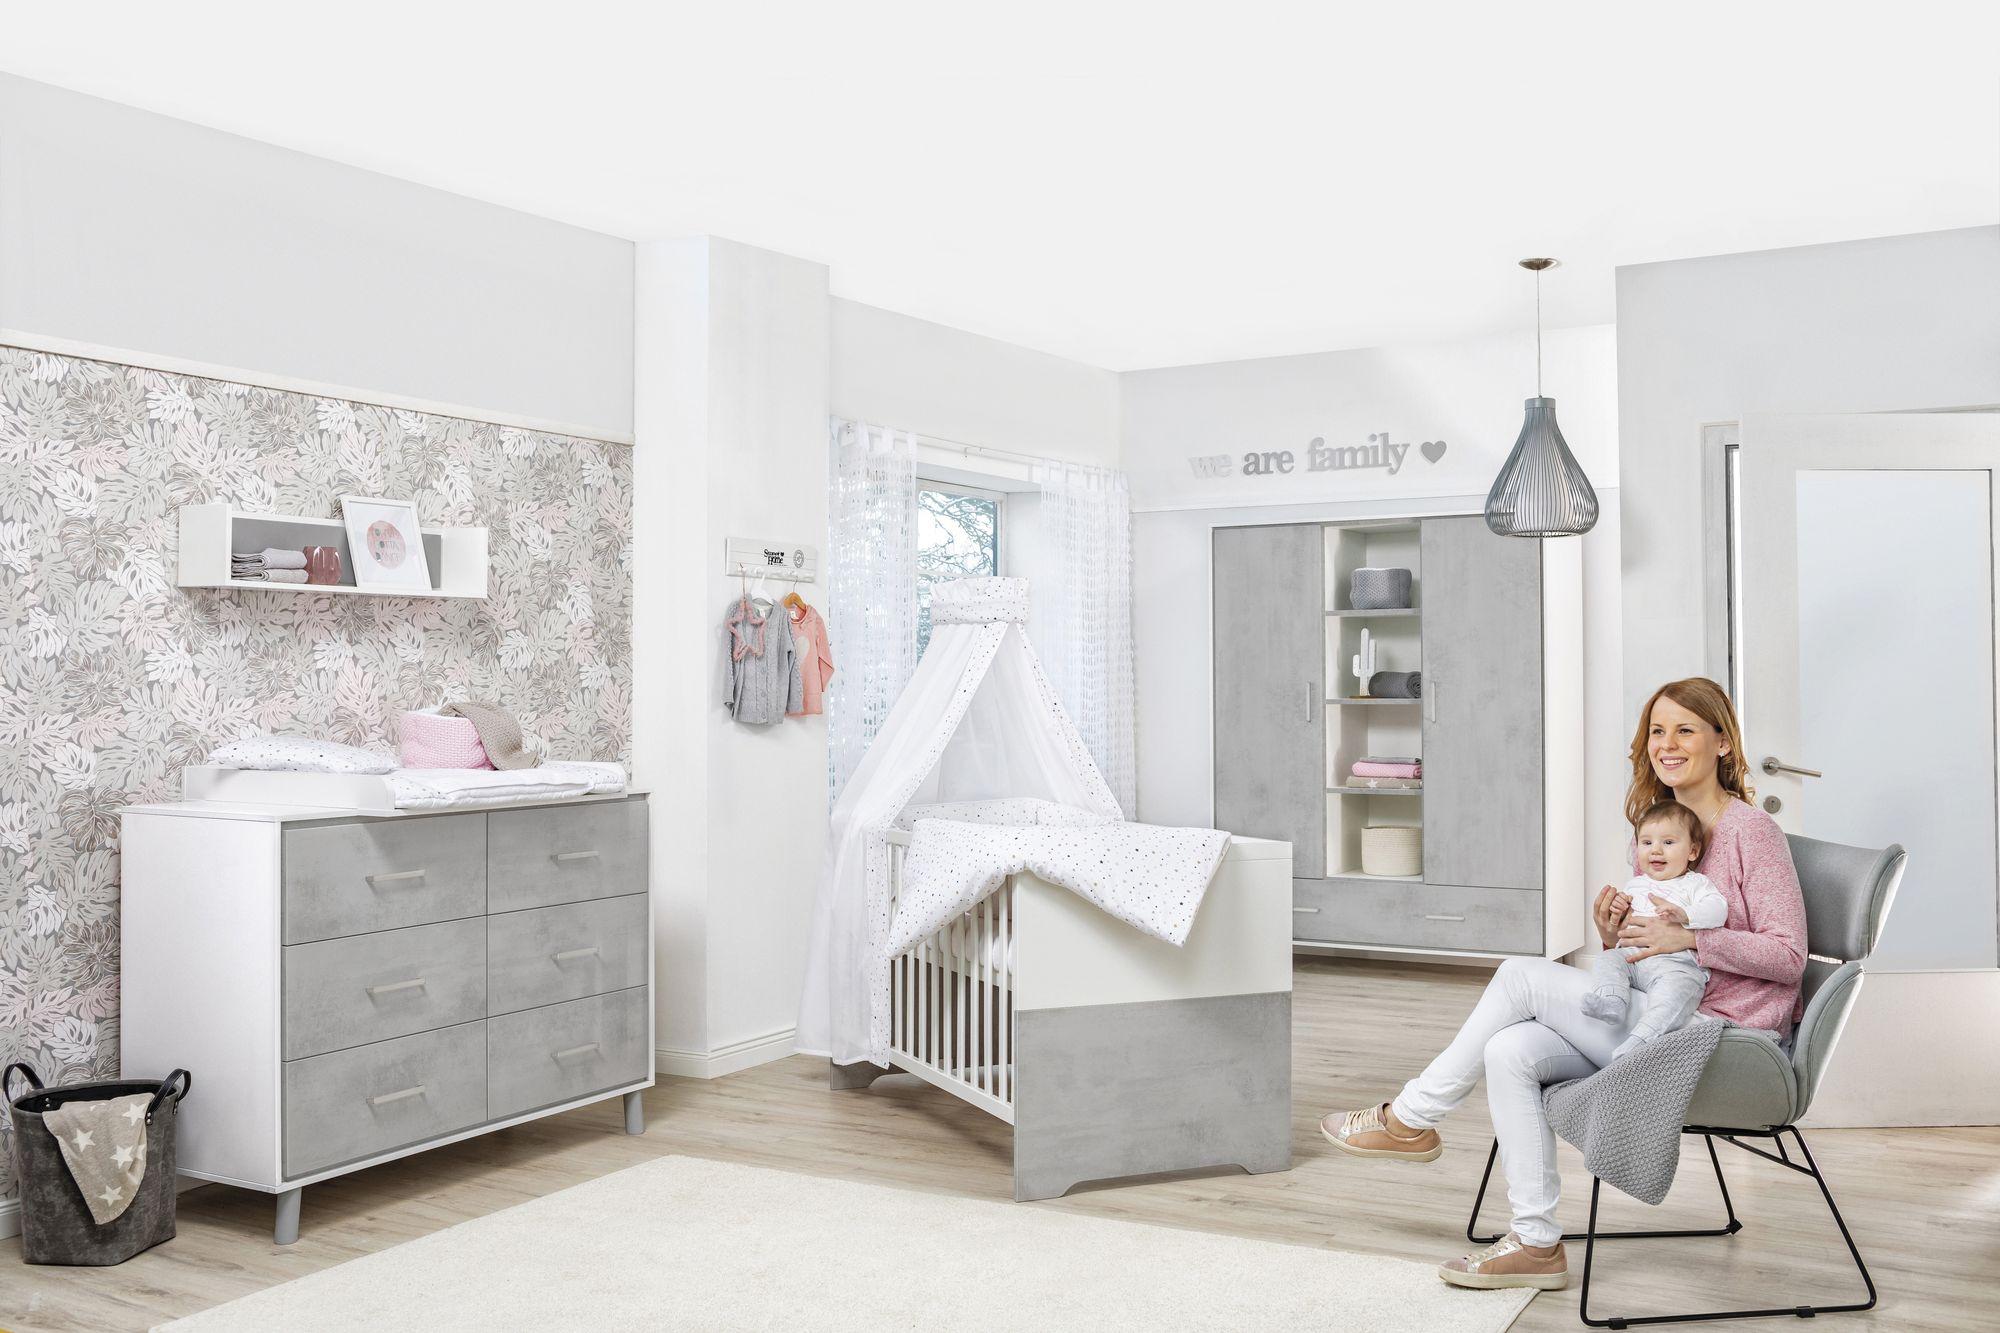 Tableau chambre bébé : vous voulez personnaliser sa chambre ?